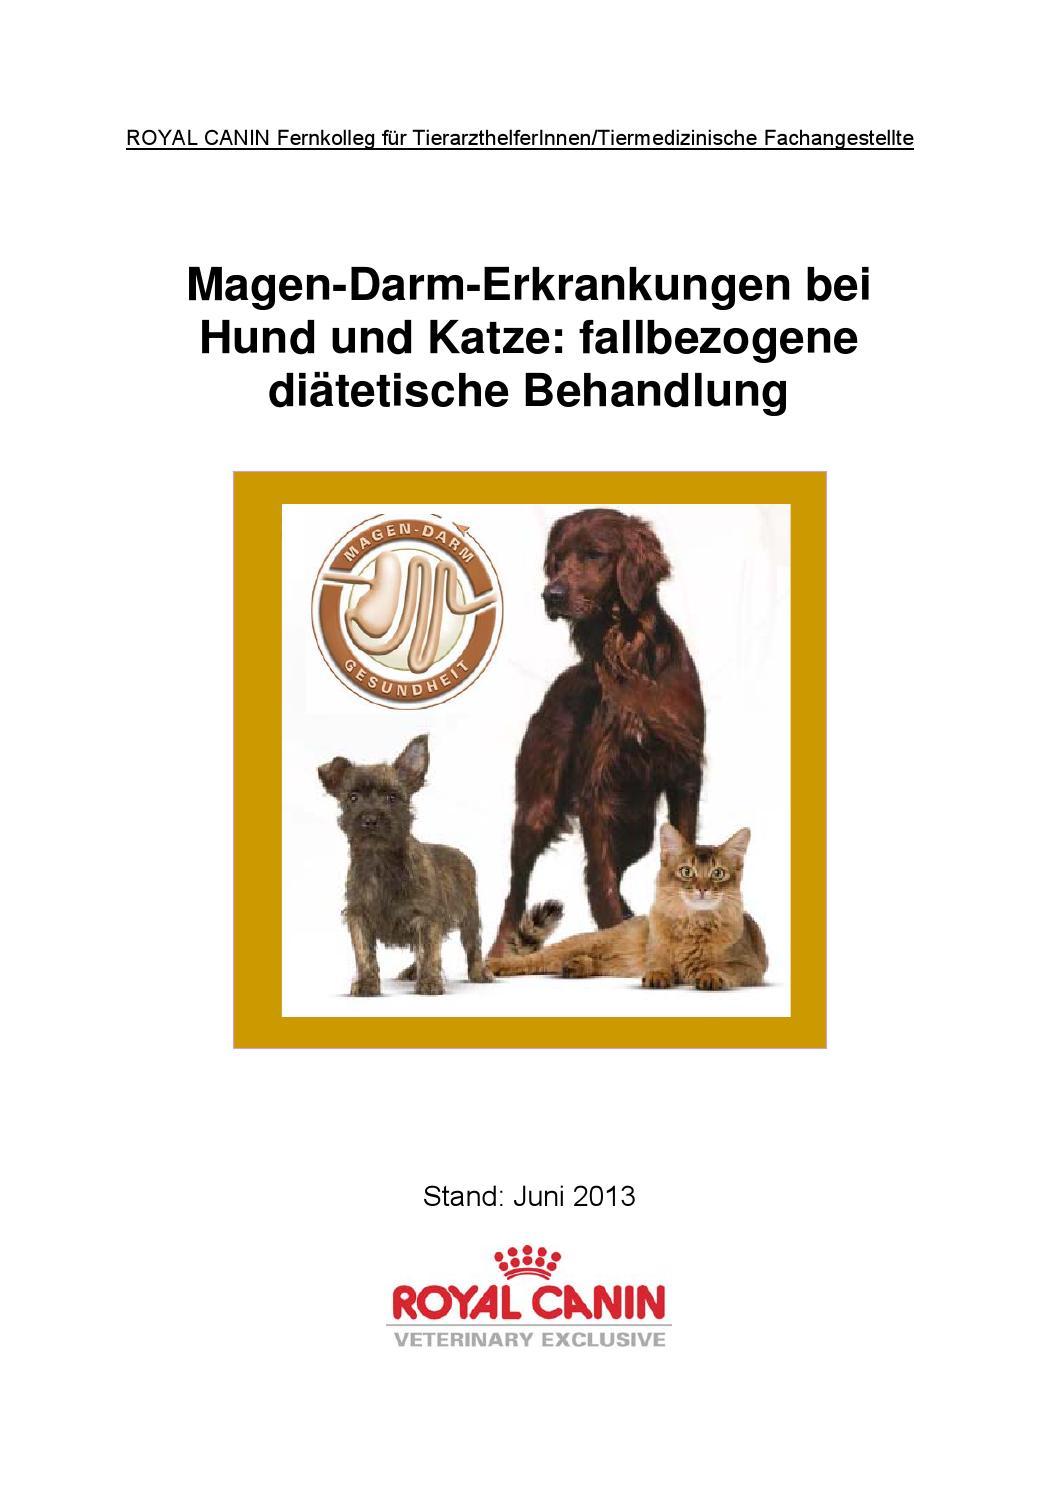 Fernkolleg Magen Darm by ROYAL CANIN - issuu